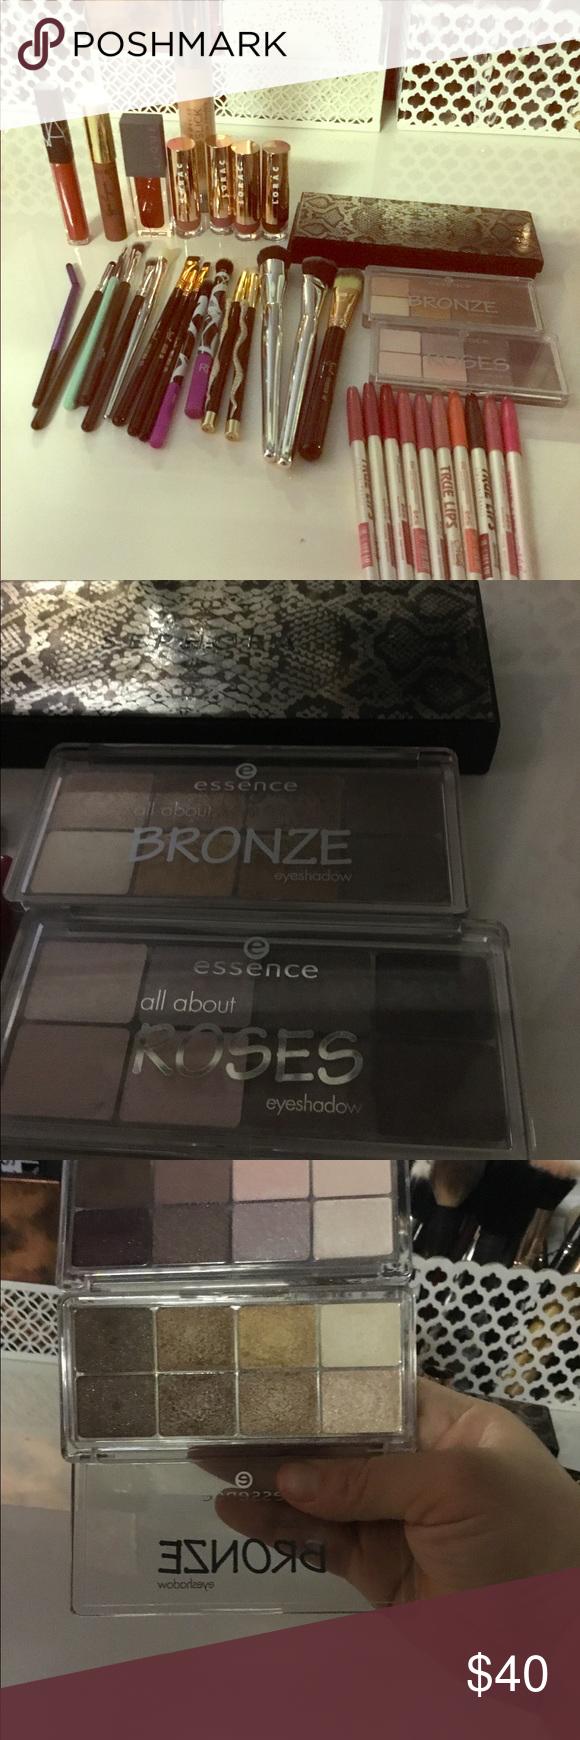 Makeup bundle Sephora eyeshadow palette, Sephora makeup